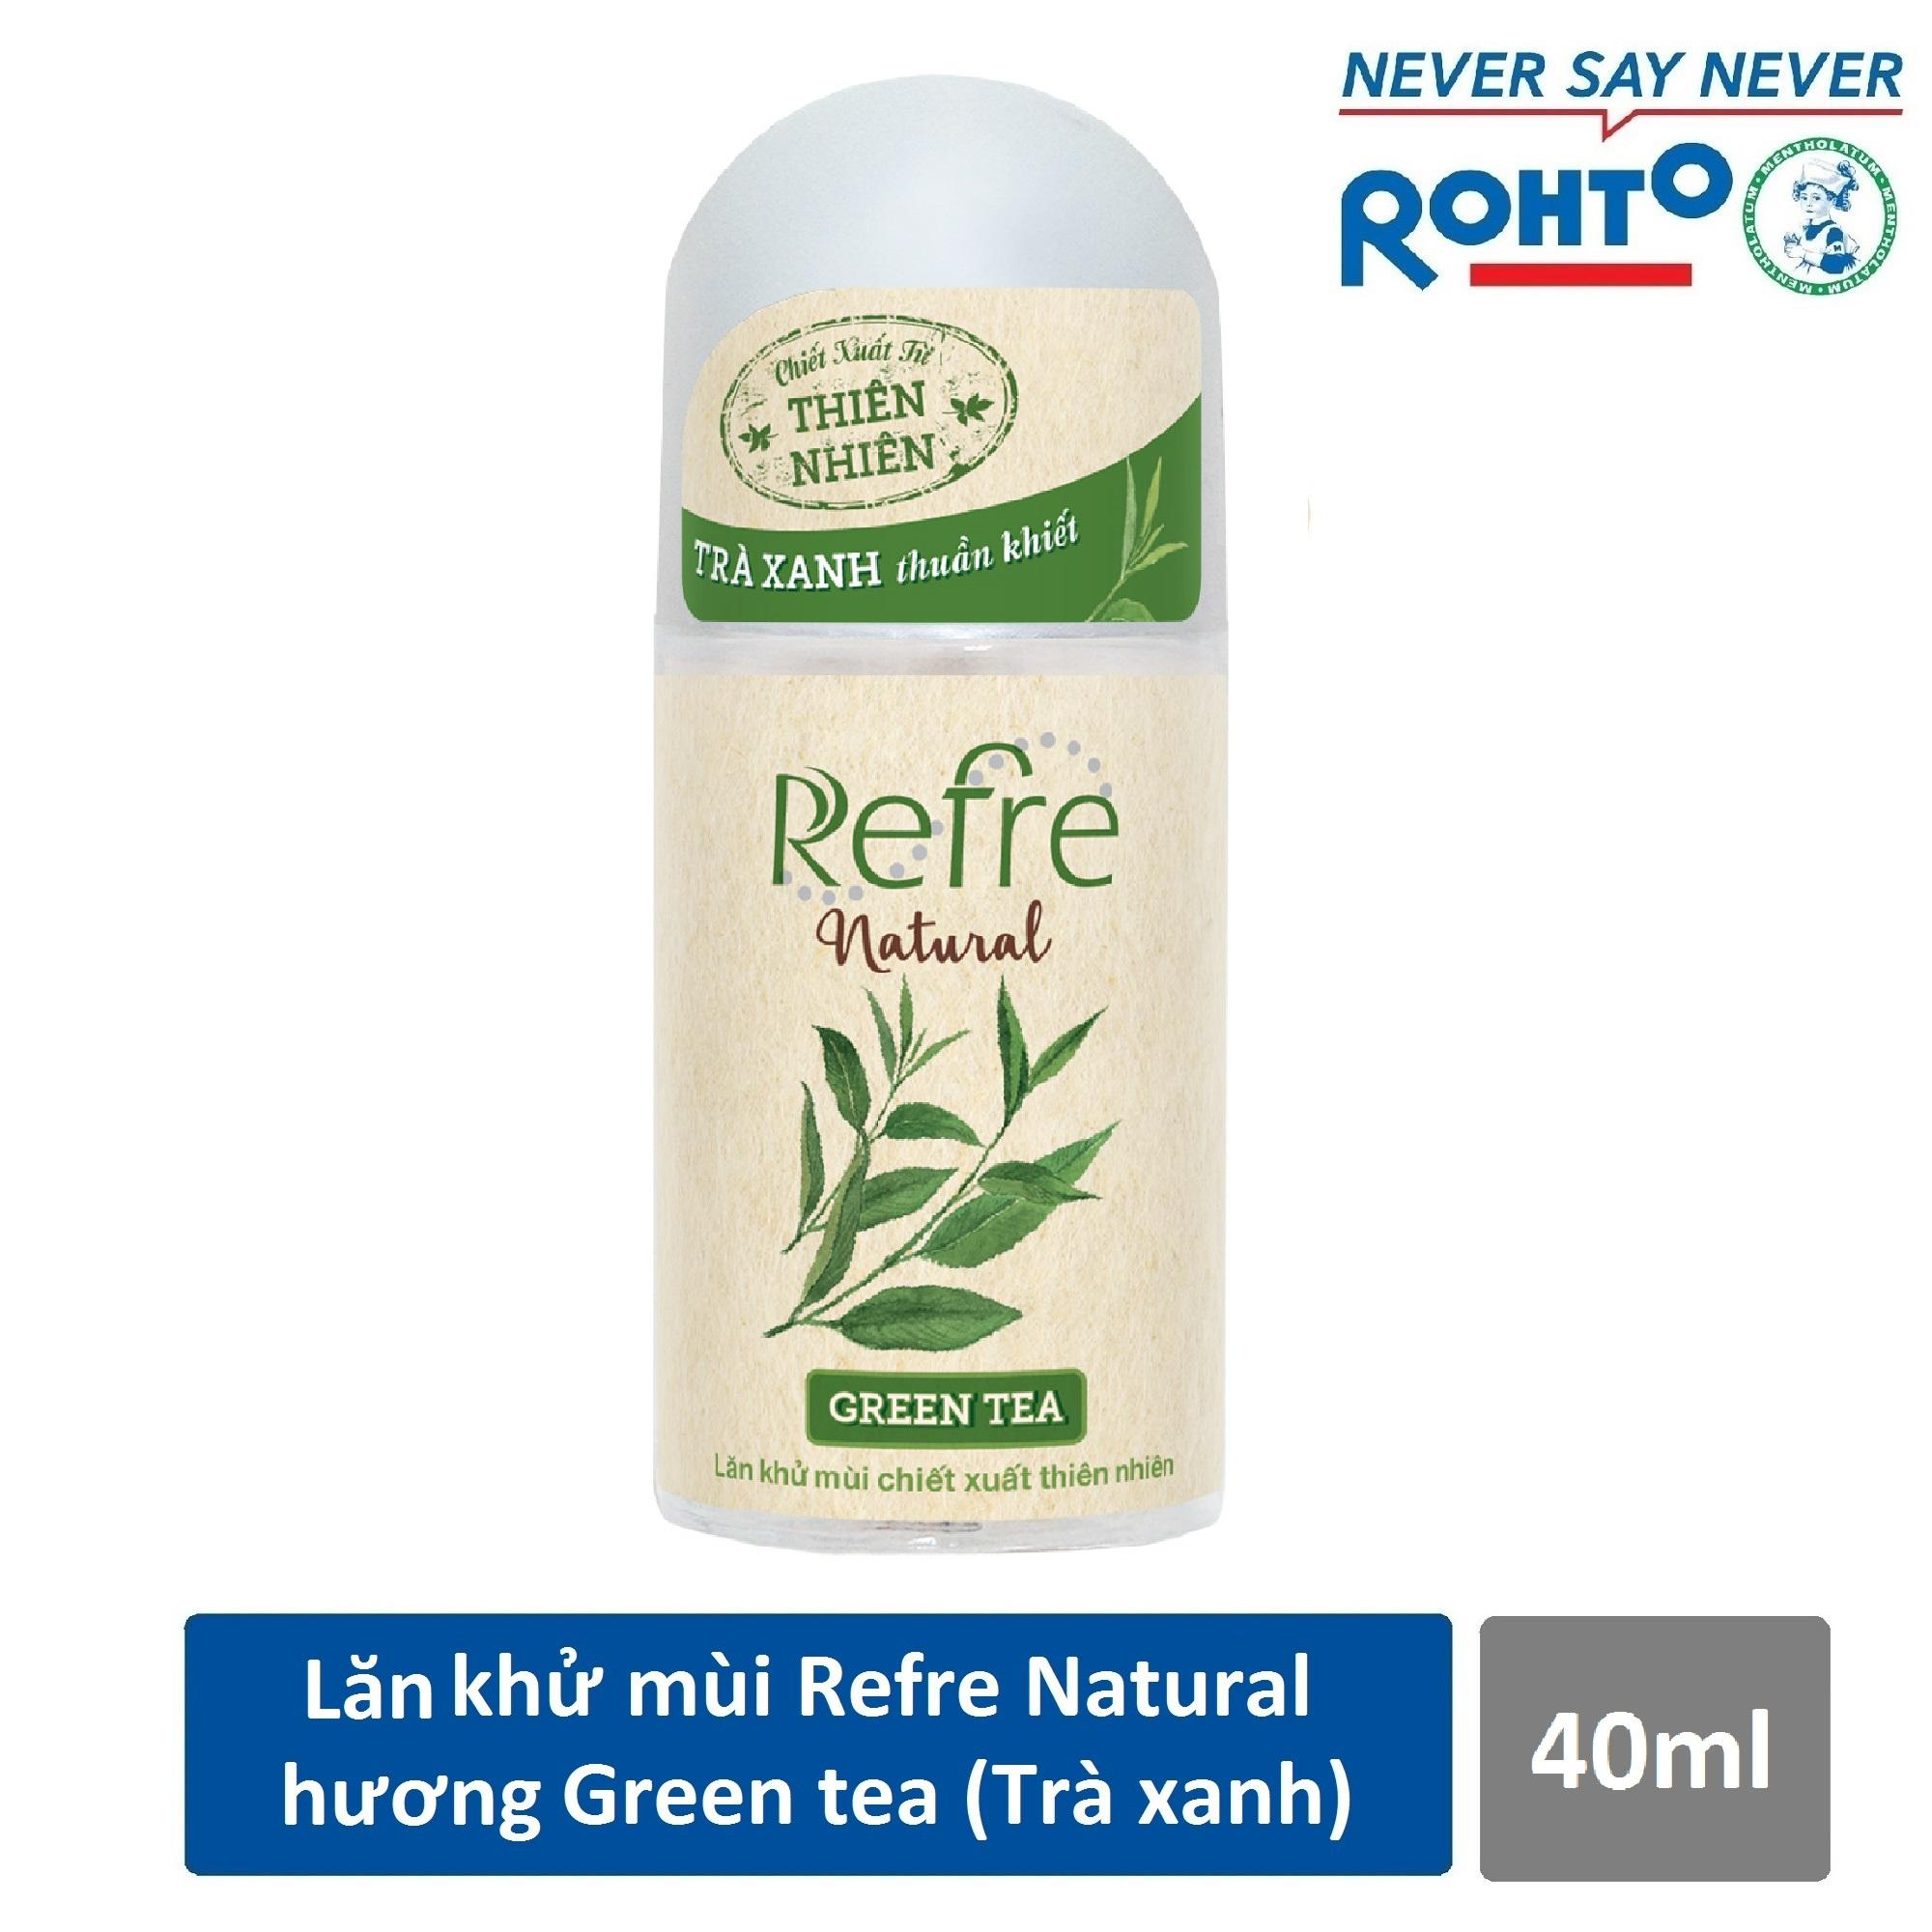 Lăn khử mùi Refre Natural Green Tea Hương Trà Xanh 40ml